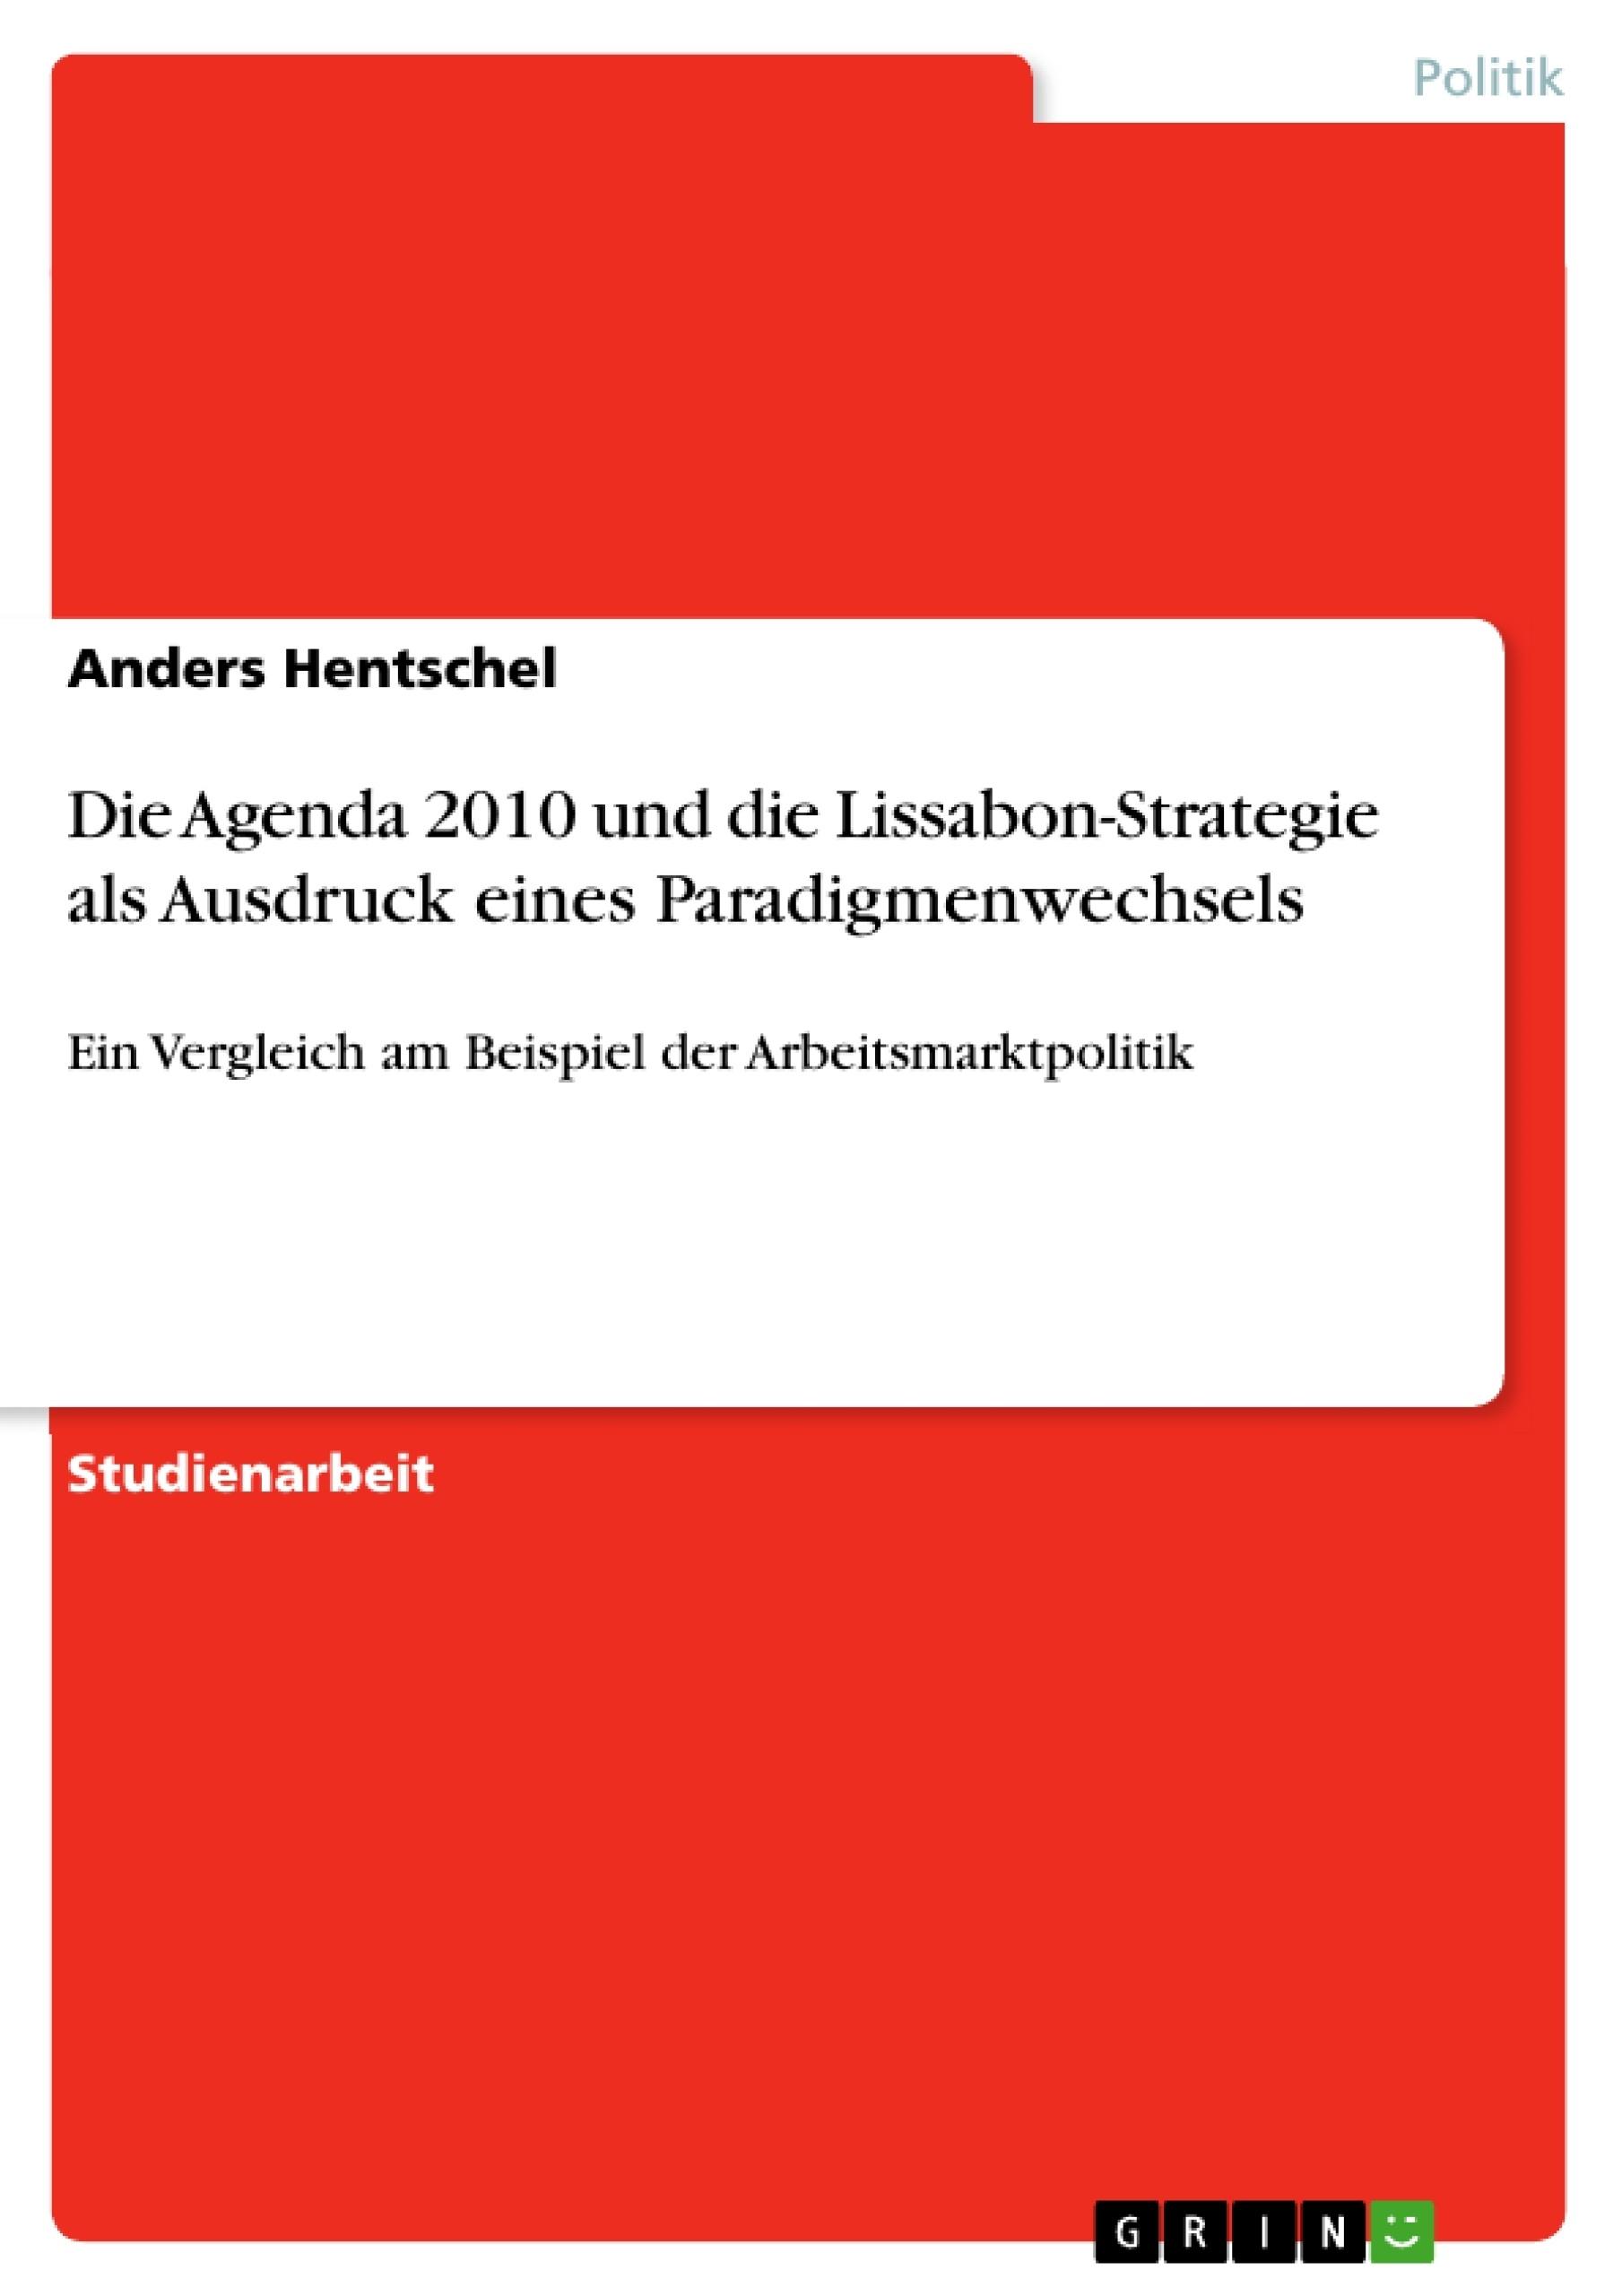 Titel: Die Agenda 2010 und die Lissabon-Strategie als Ausdruck eines Paradigmenwechsels